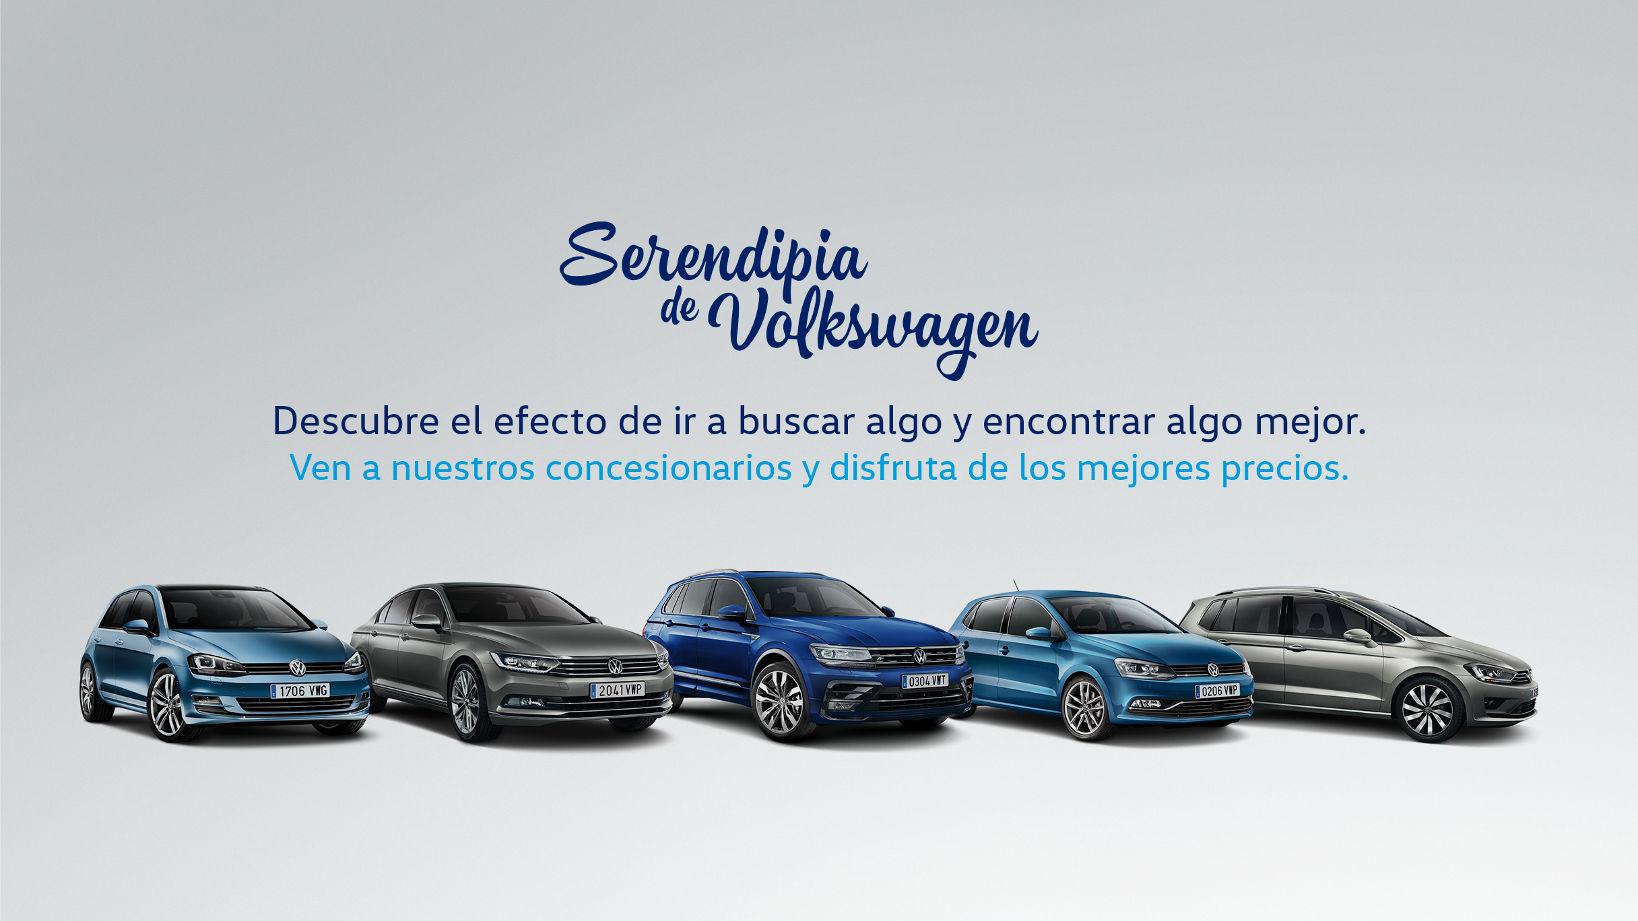 SERENDIPIA DE VOLSKWAGEN EN TU CONCESIONARIO